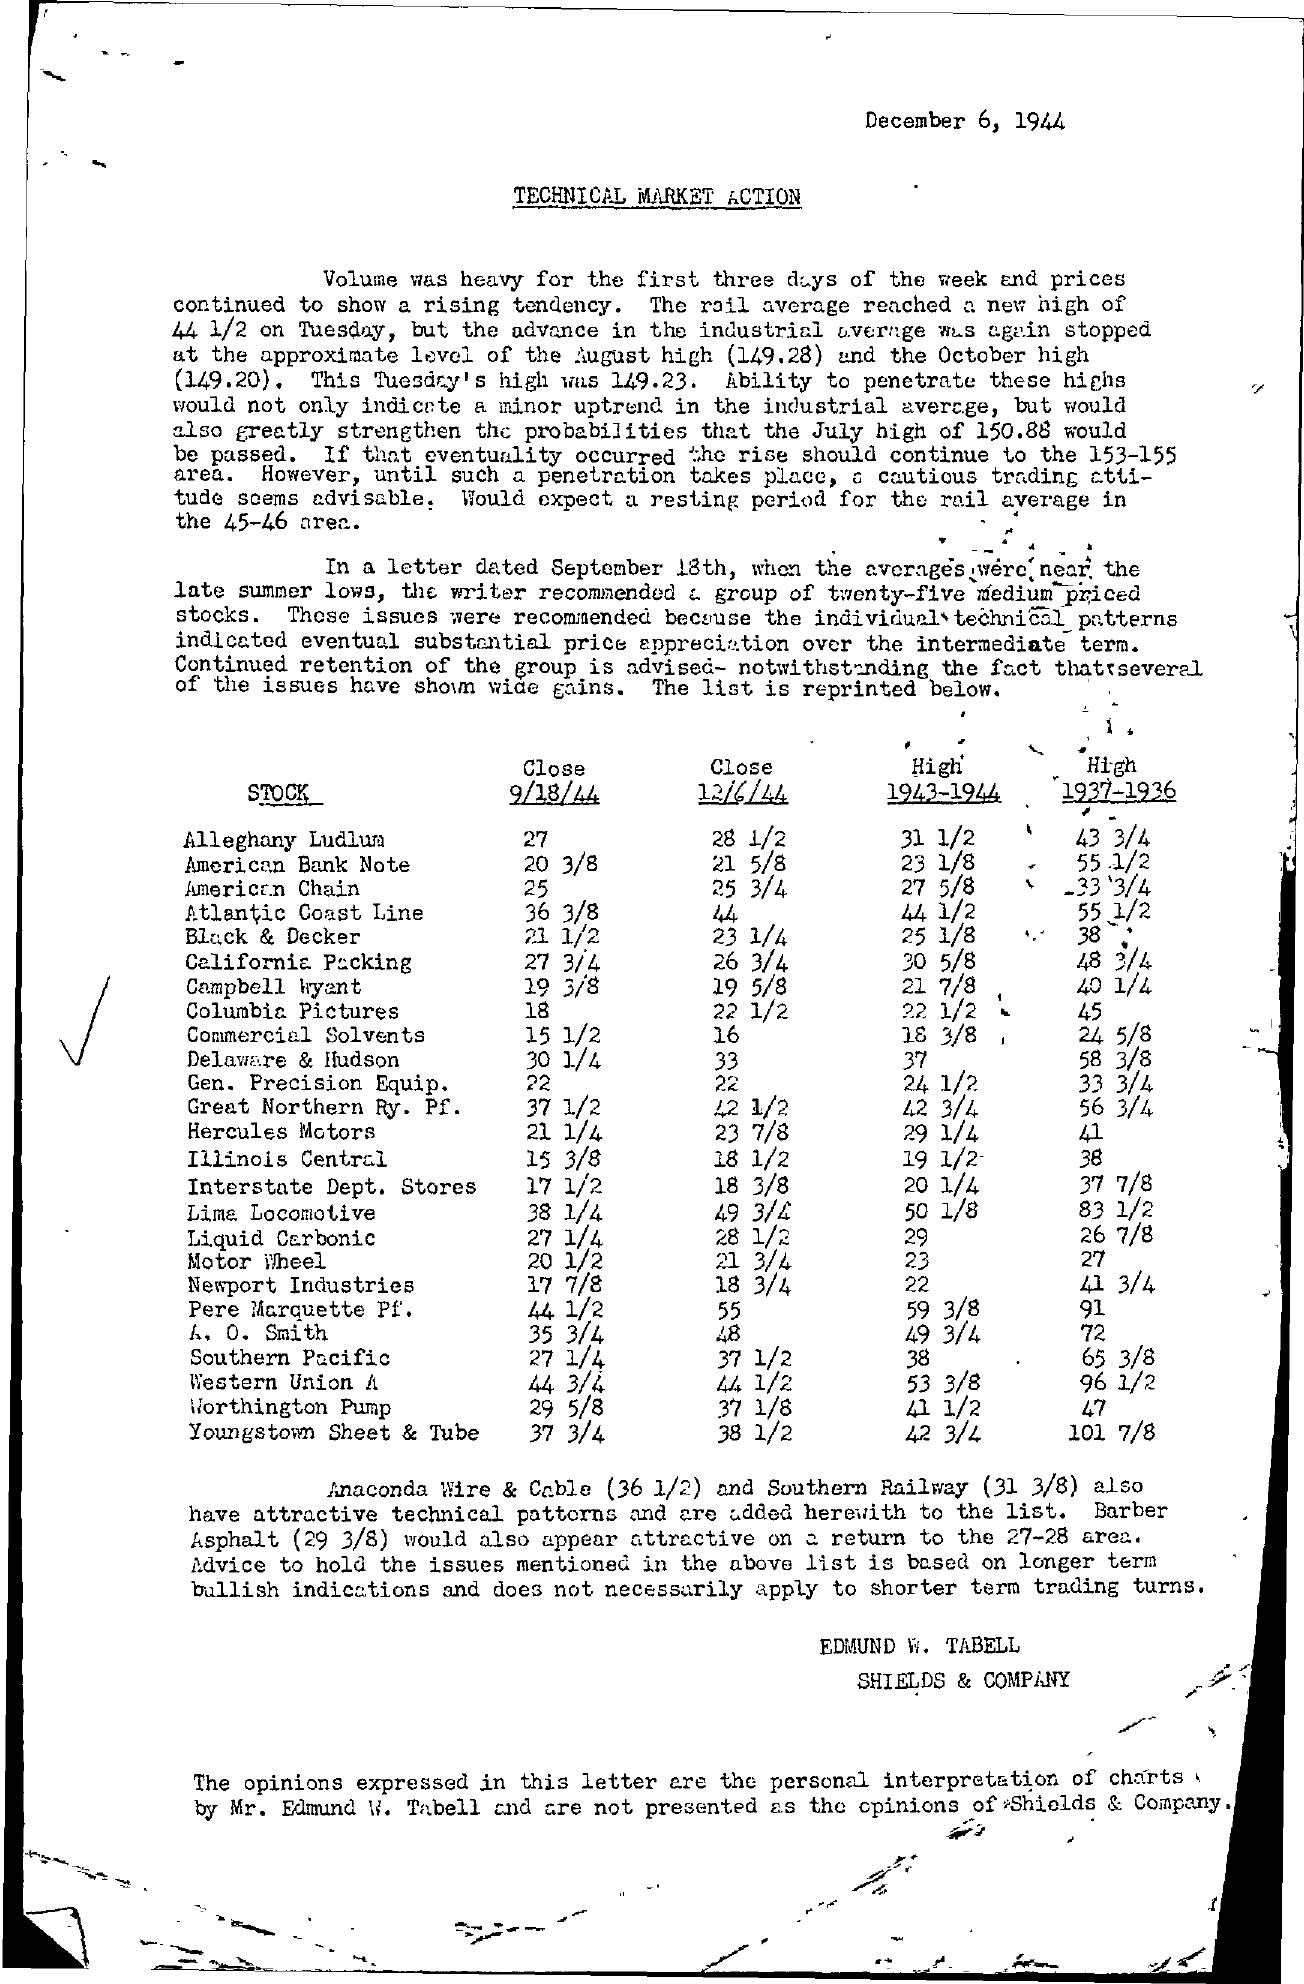 Tabell's Market Letter - December 06, 1944